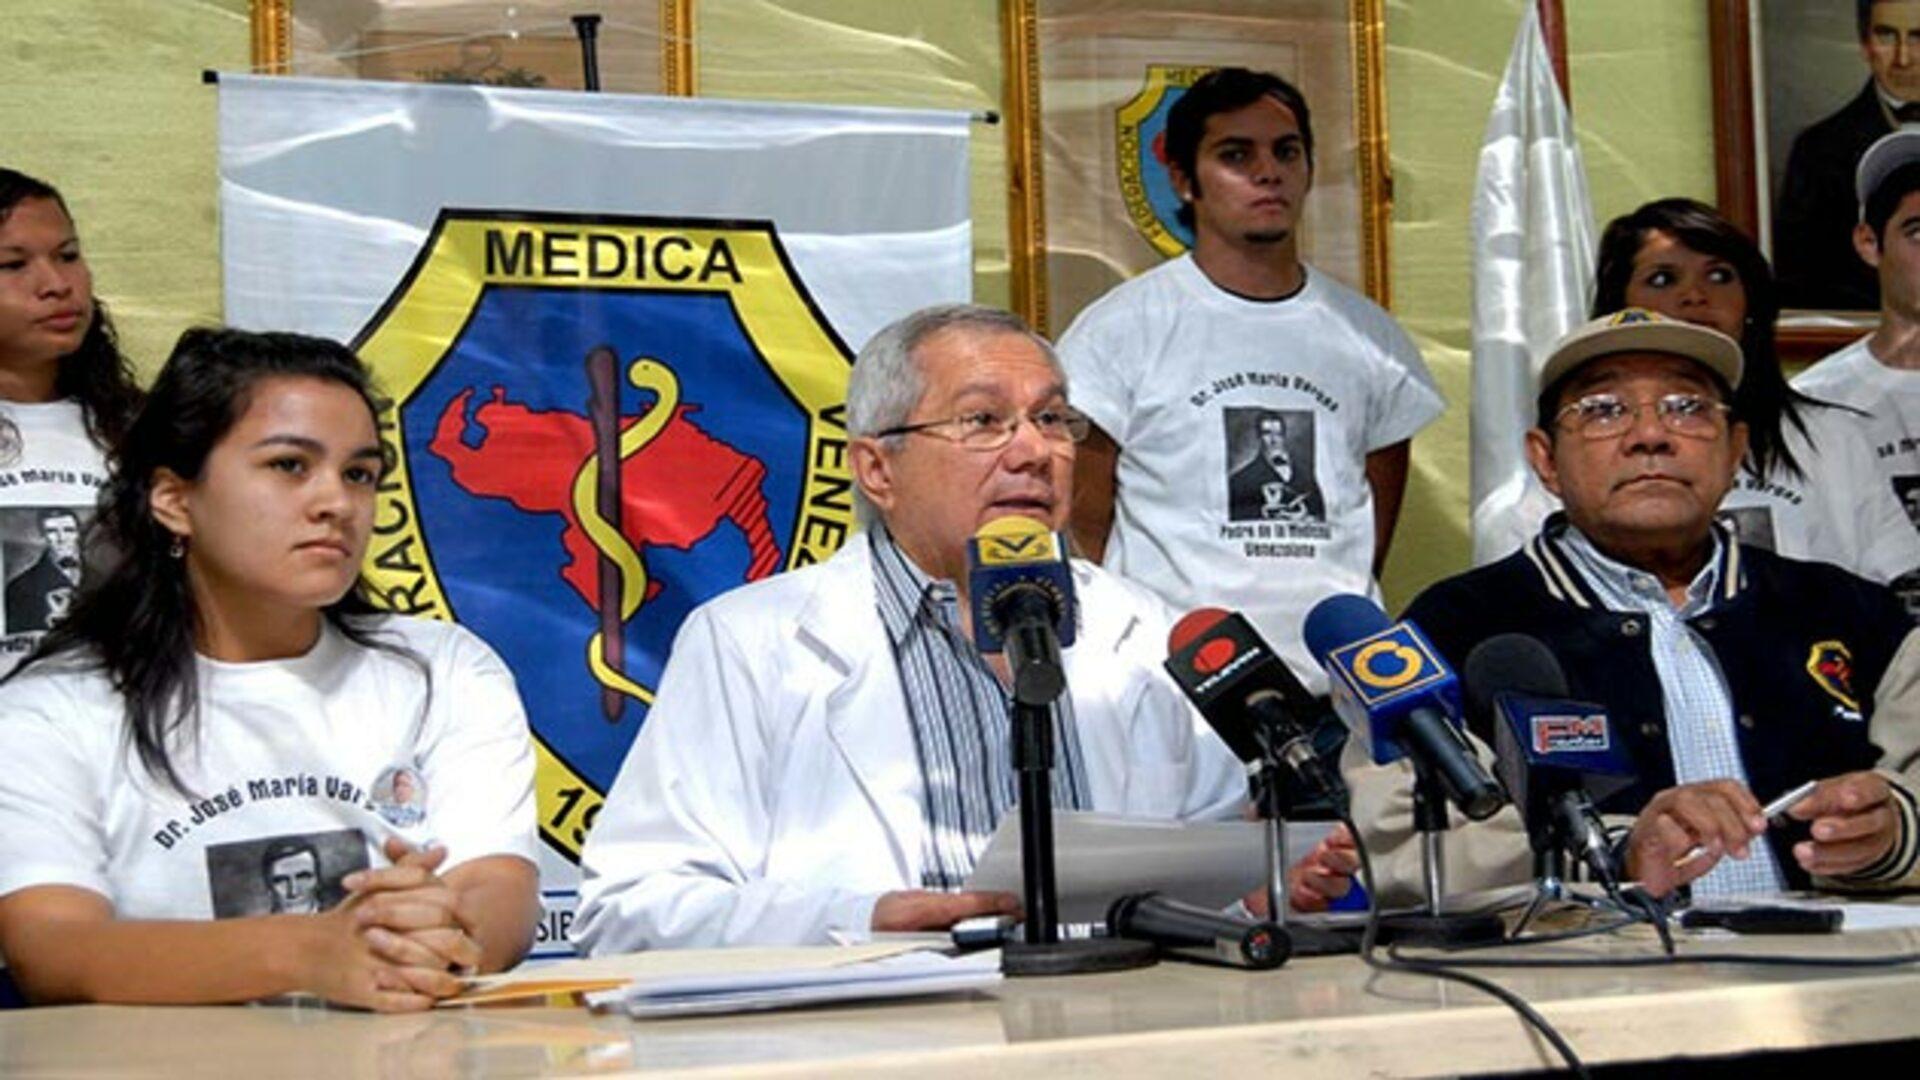 Federación Médica Venezolana considera una irresponsabilidad flexibilizar cuarentena en diciembre